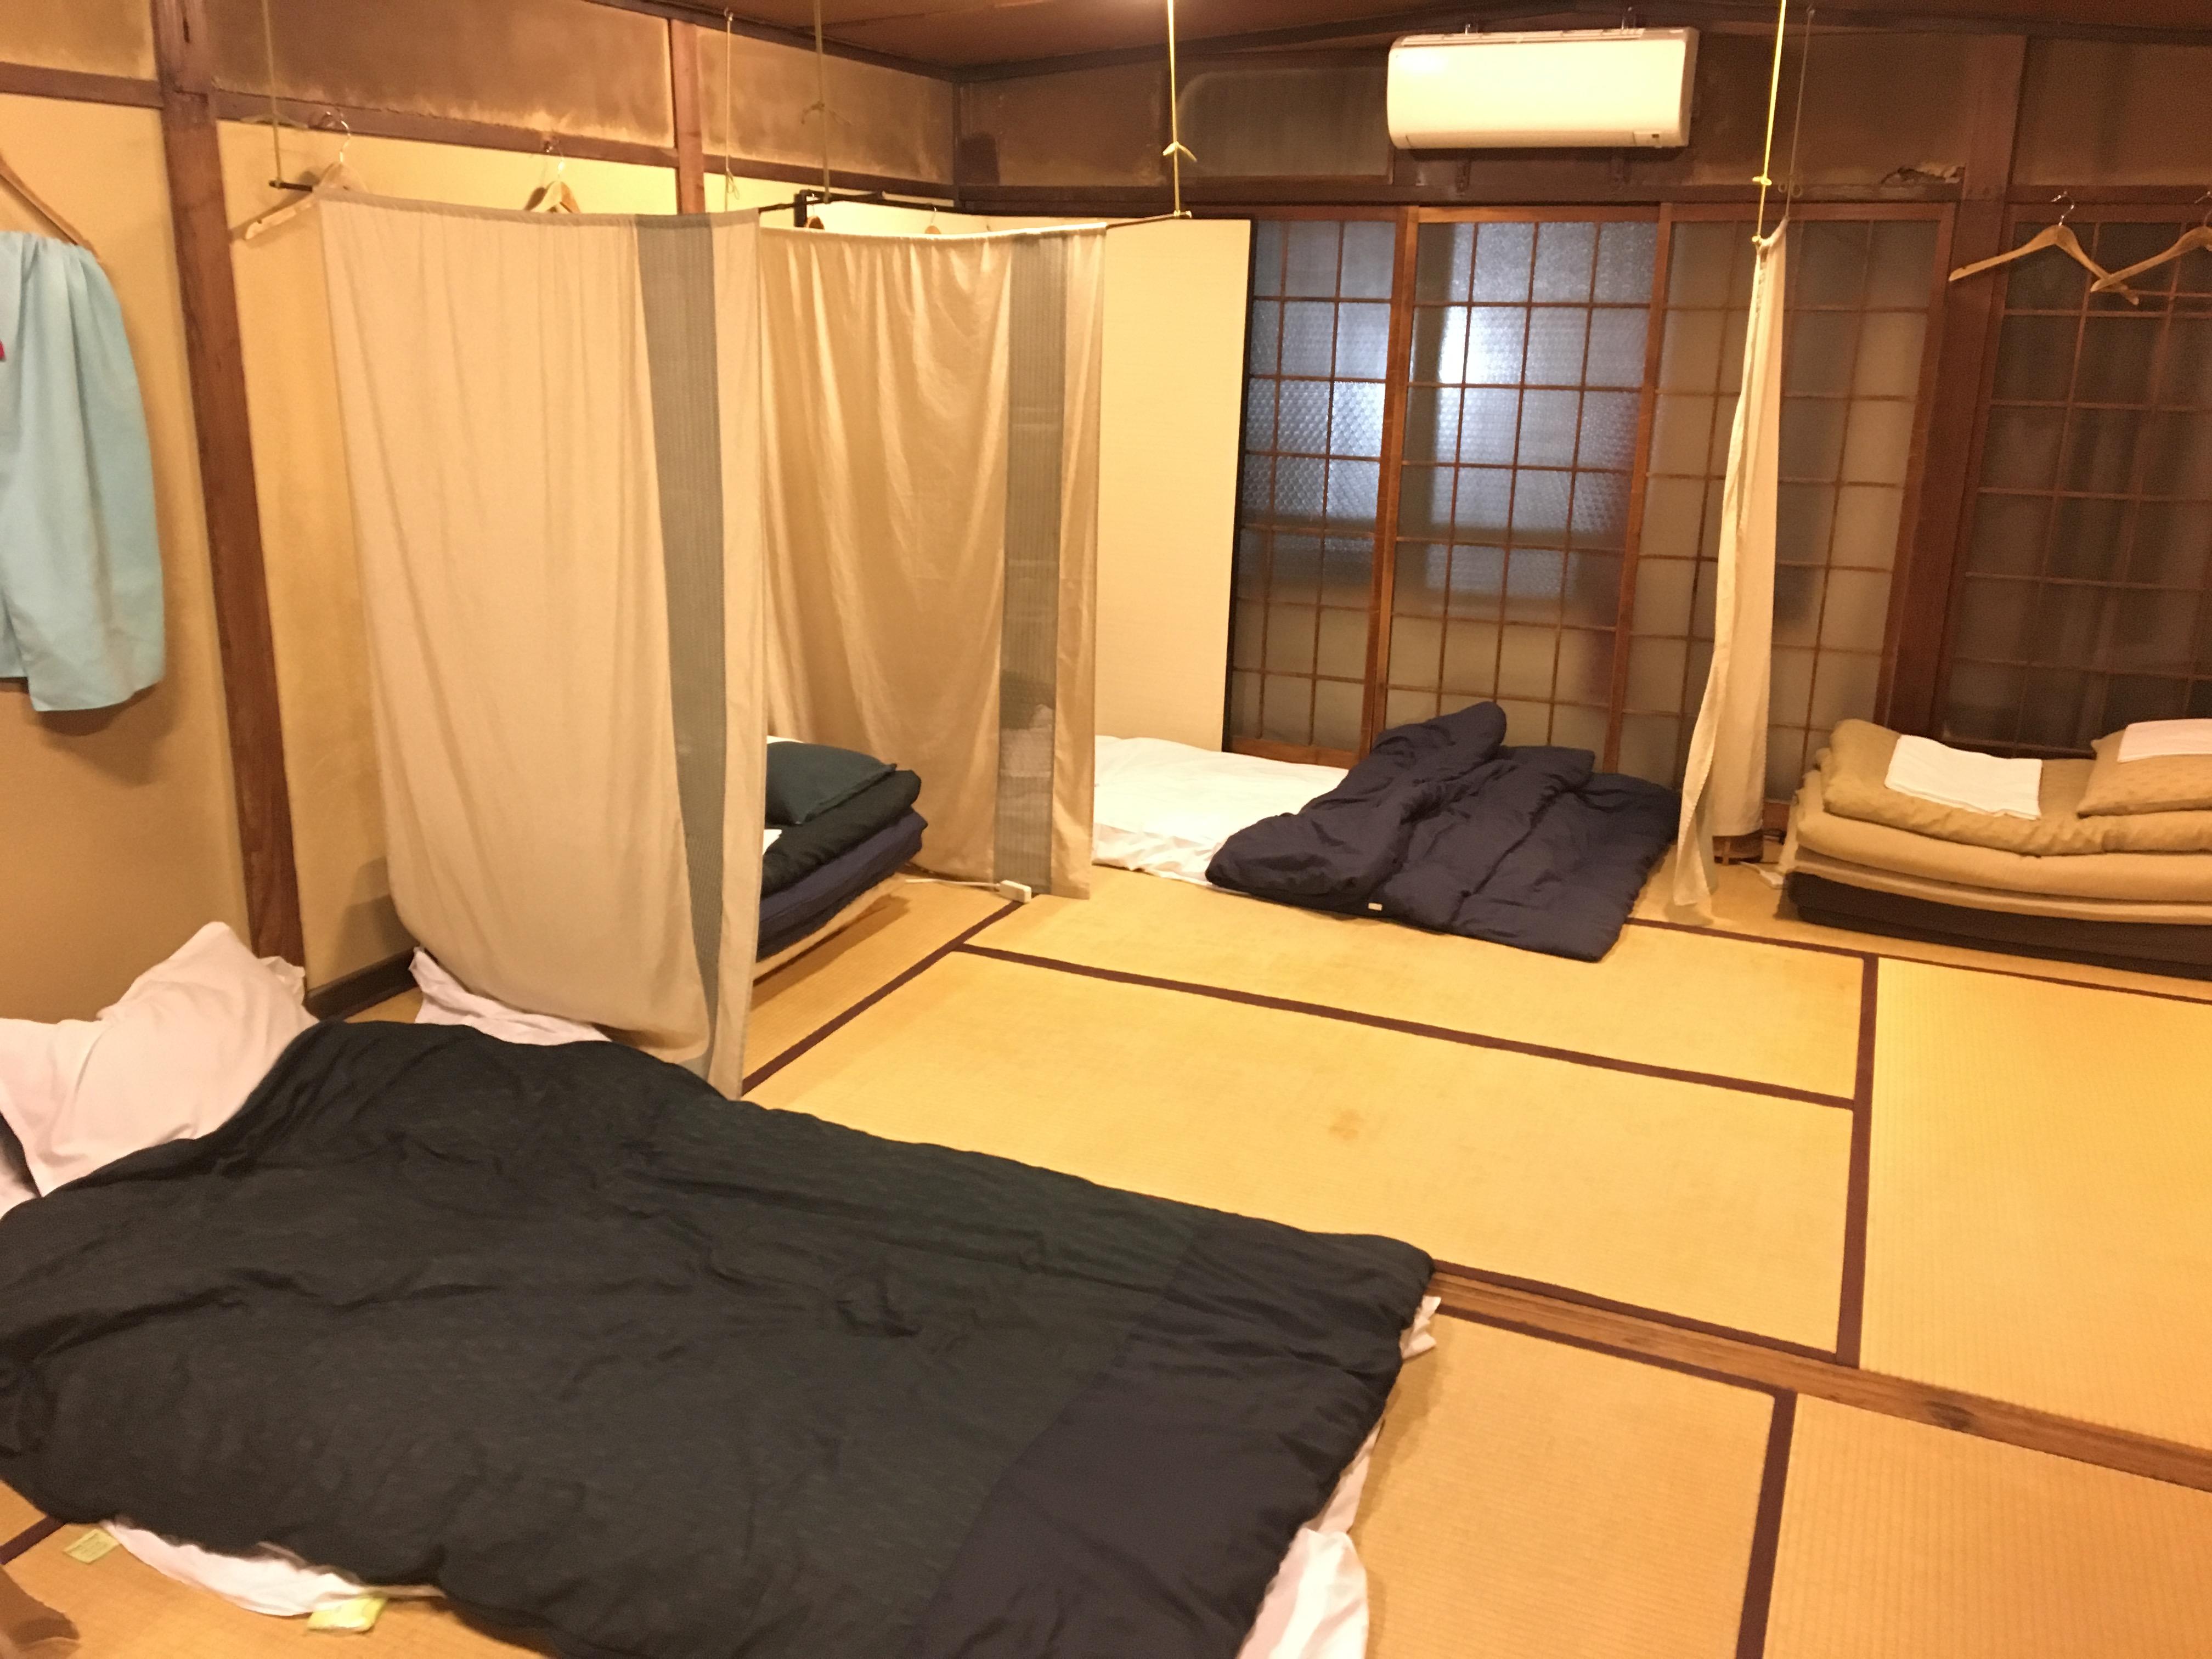 Un dortoir à la mode japonaise: futons et tatamis au lieu des lits superposés